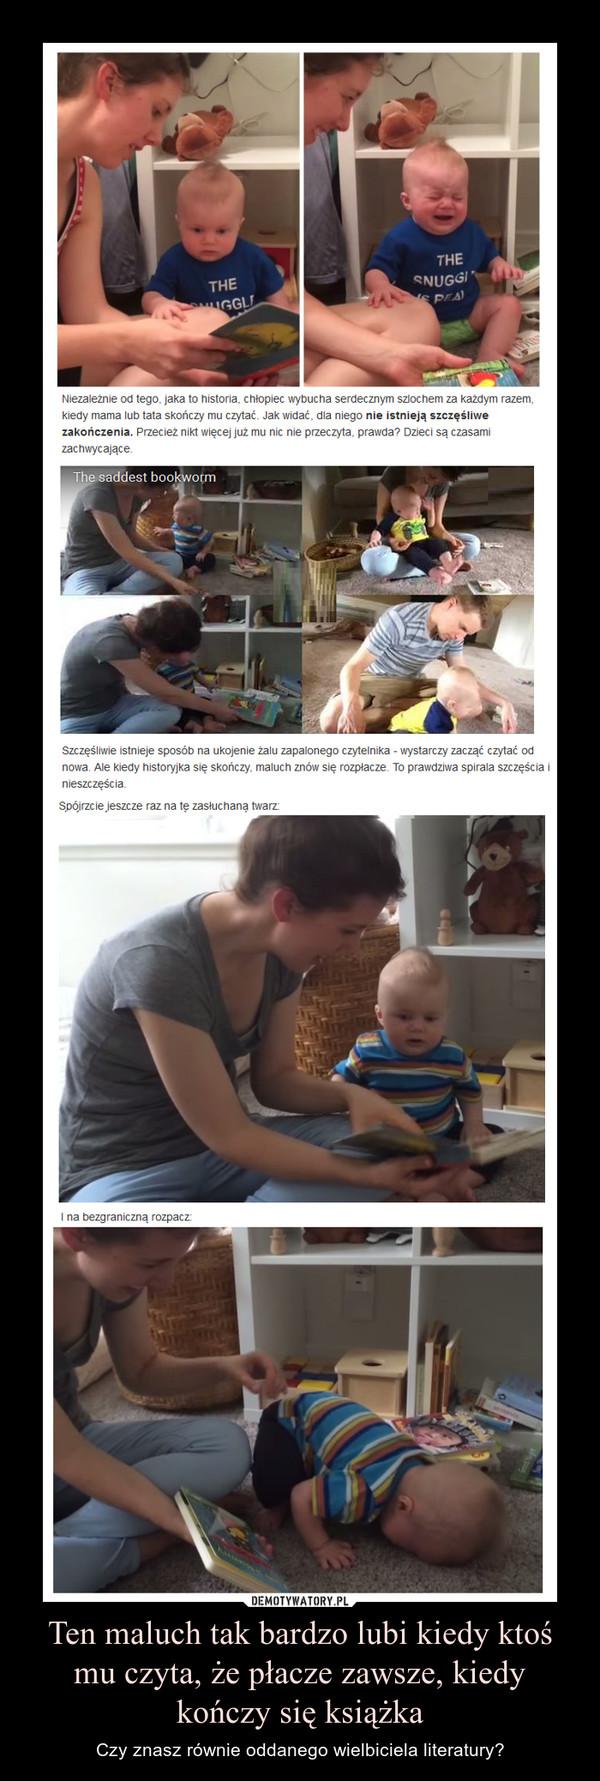 Ten maluch tak bardzo lubi kiedy ktoś mu czyta, że płacze zawsze, kiedy kończy się książka – Czy znasz równie oddanego wielbiciela literatury? Niezależnie od tego, jaka to historia, chłopiec wybucha serdecznym szlochem za każdym razem, kiedy mama lub tata skończy mu czytać. Jak widać, dla niego nie istnieją szczęśliwe zakończenia. Przecież nikt więcej już mu nic nie przeczyta, prawda? Dzieci są czasami zachwycające.Szczęśliwie istnieje sposób na ukojenie żalu zapalonego czytelnika - wystarczy zacząć czytać od nowa. Ale kiedy historyjka się skończy, maluch znów się rozpłacze. To prawdziwa spirala szczęścia i nieszczęścia.Spójrzcie jeszcze raz na tę zasłuchaną twarz:I na bezgraniczną rozpacz: